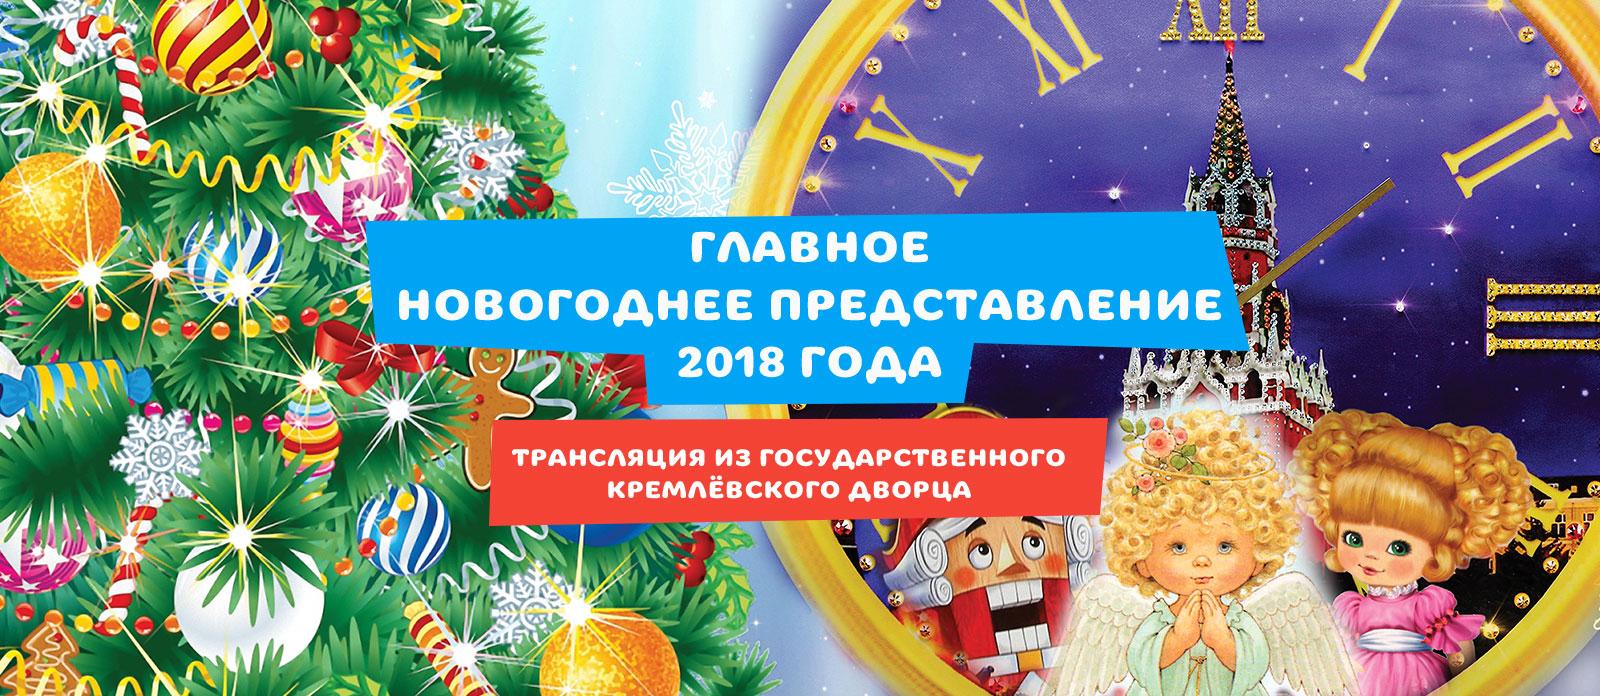 Главное новогоднее представление 2018 года. Трансляция из Государственного Кремлёвского Дворца